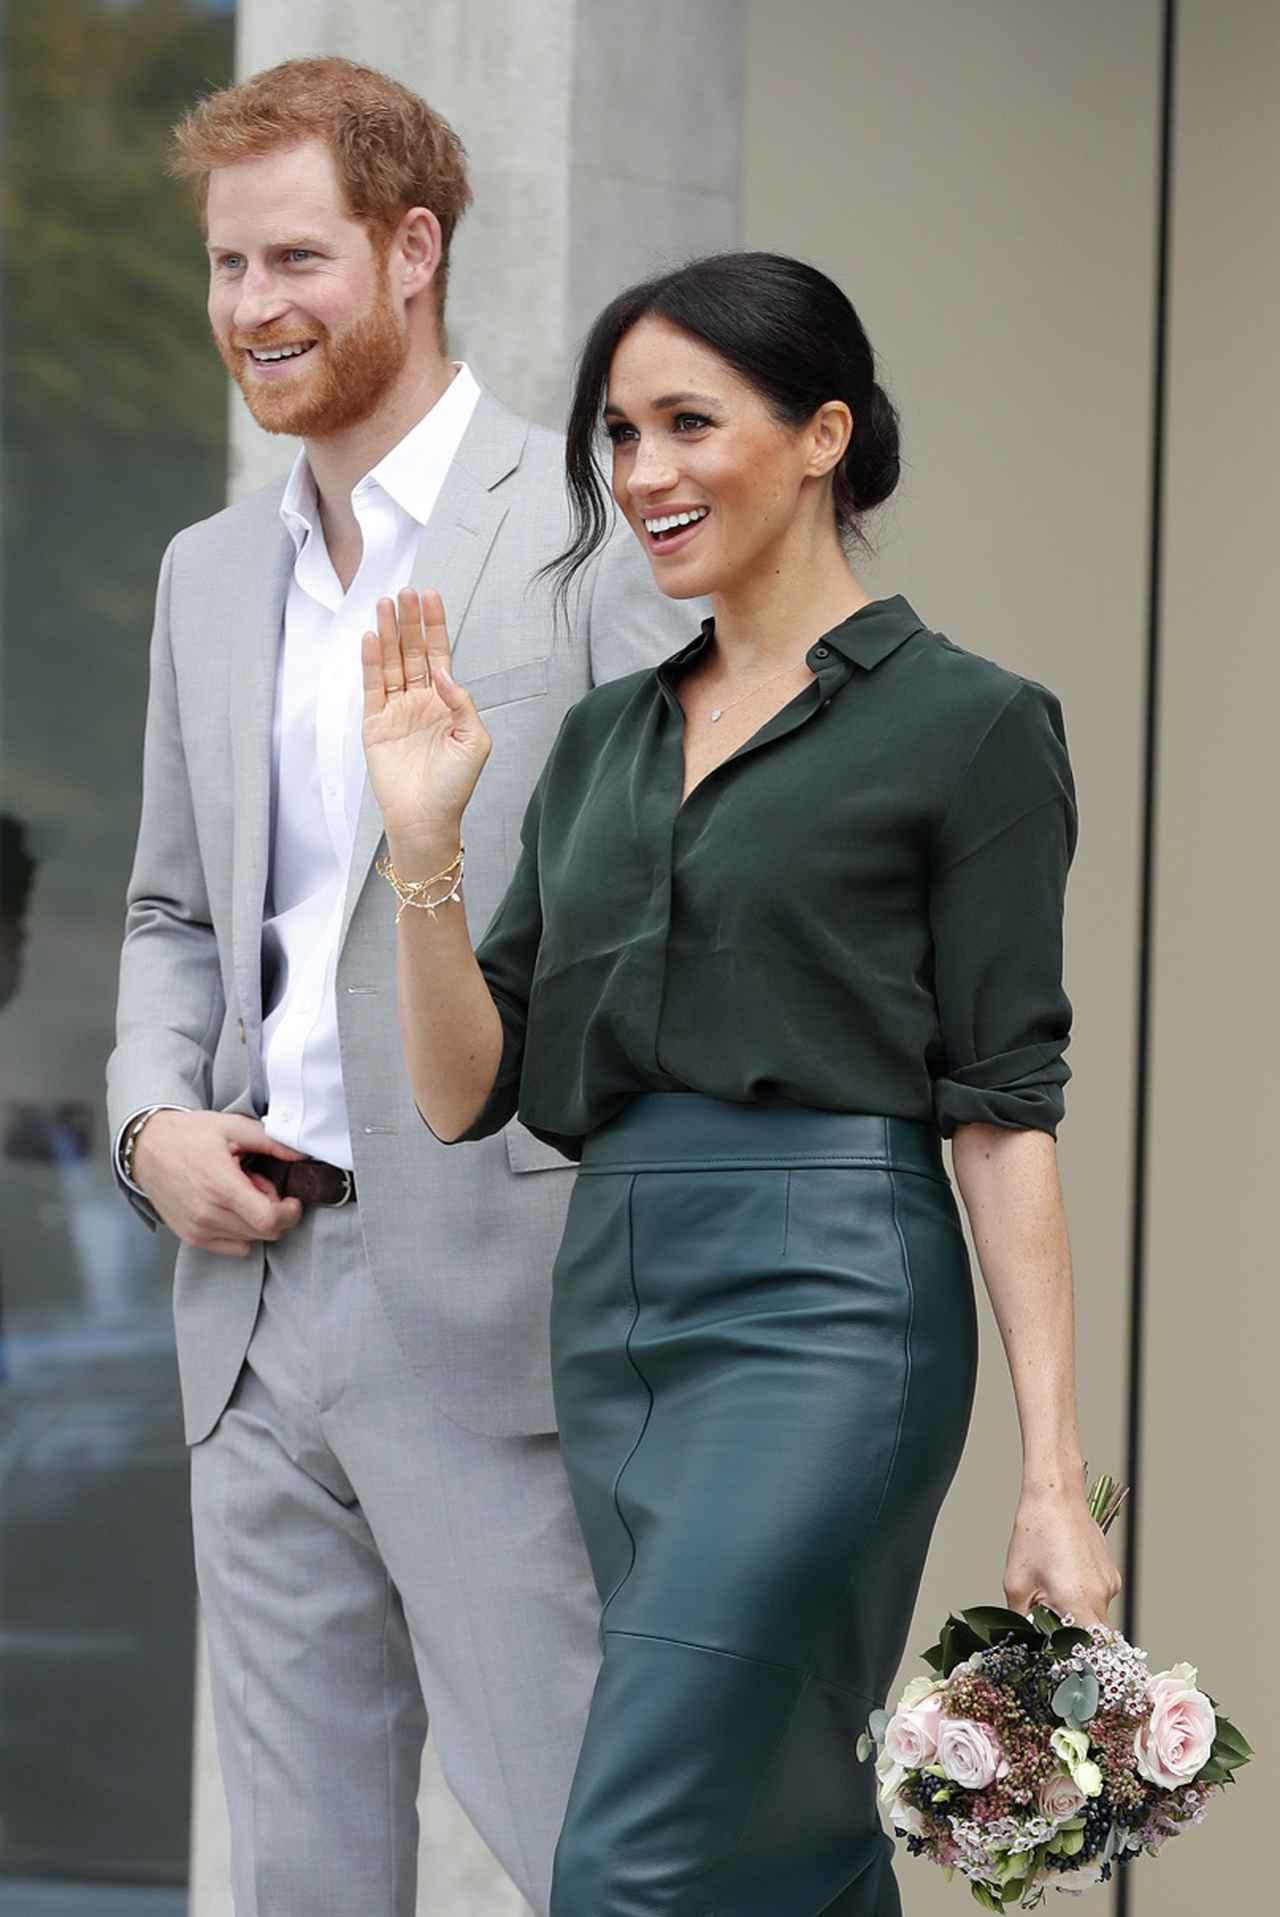 画像: ヘンリー王子&メーガン妃がボランティアに参加する様子が公開